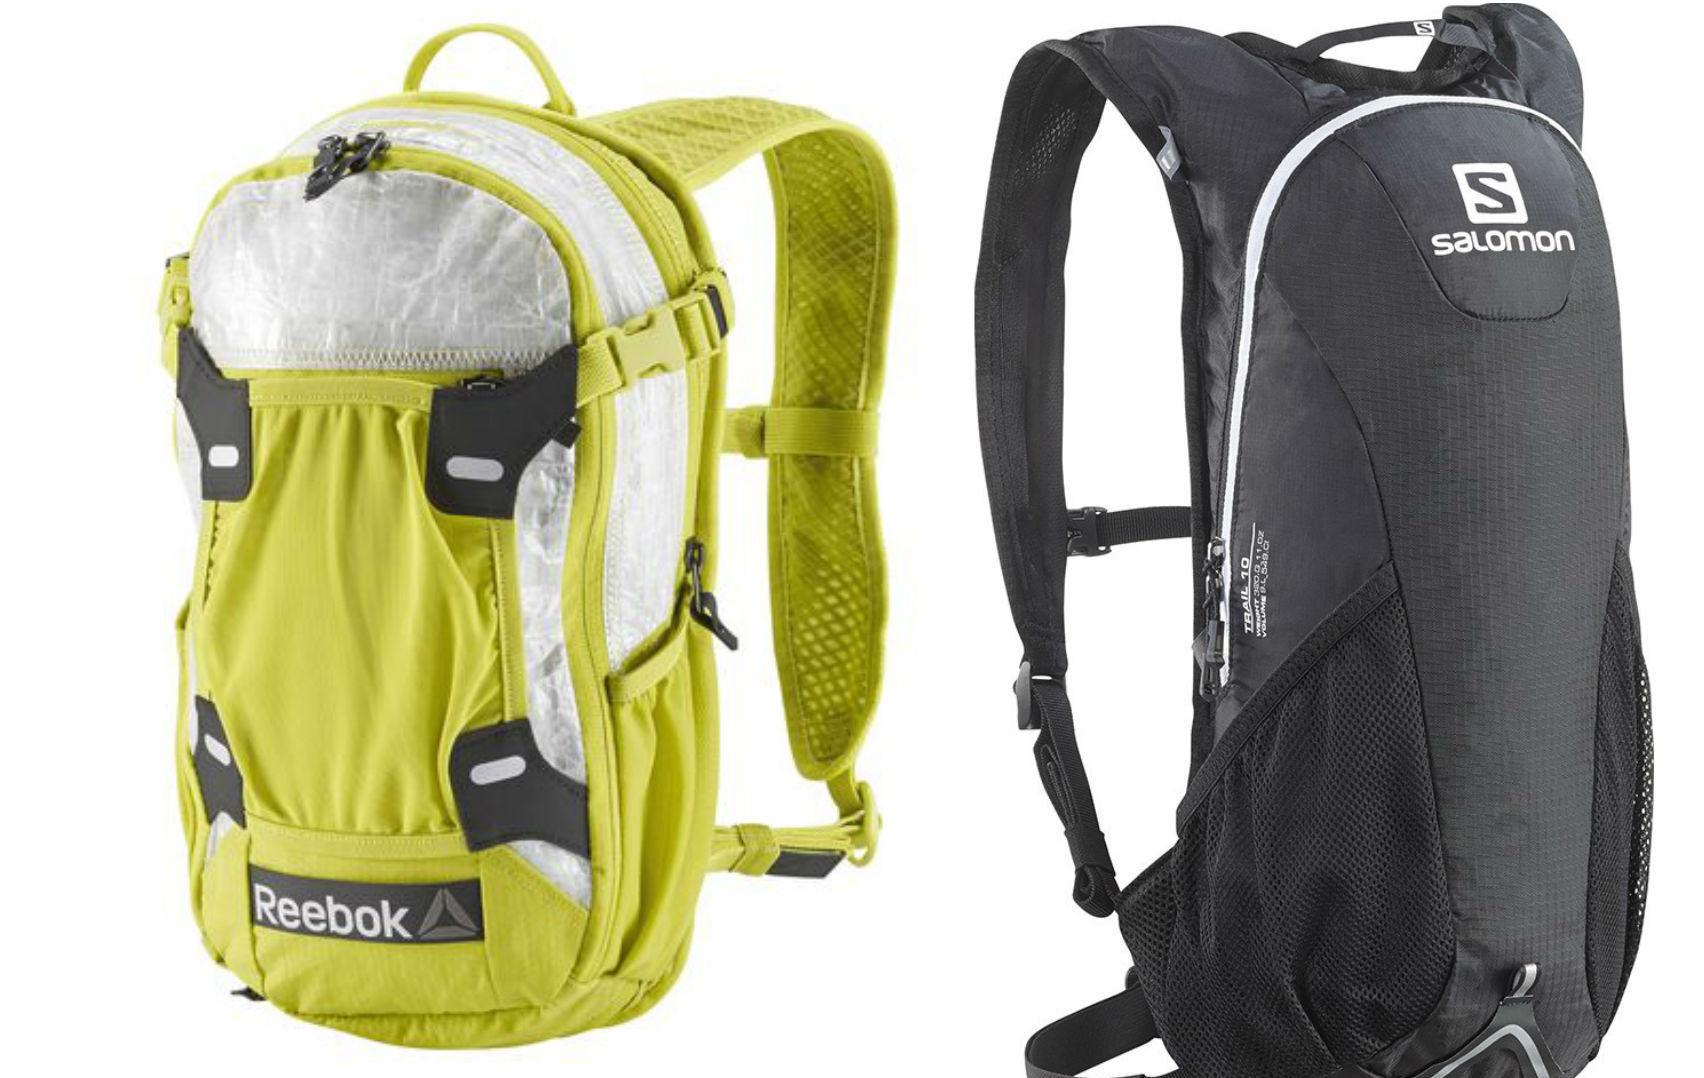 Обзор не гаджета. Выбираем лучший чехол для тренировок и другие аксессуары для смартфонов: повязки, сумки и силиконовый карман Adidas - 11